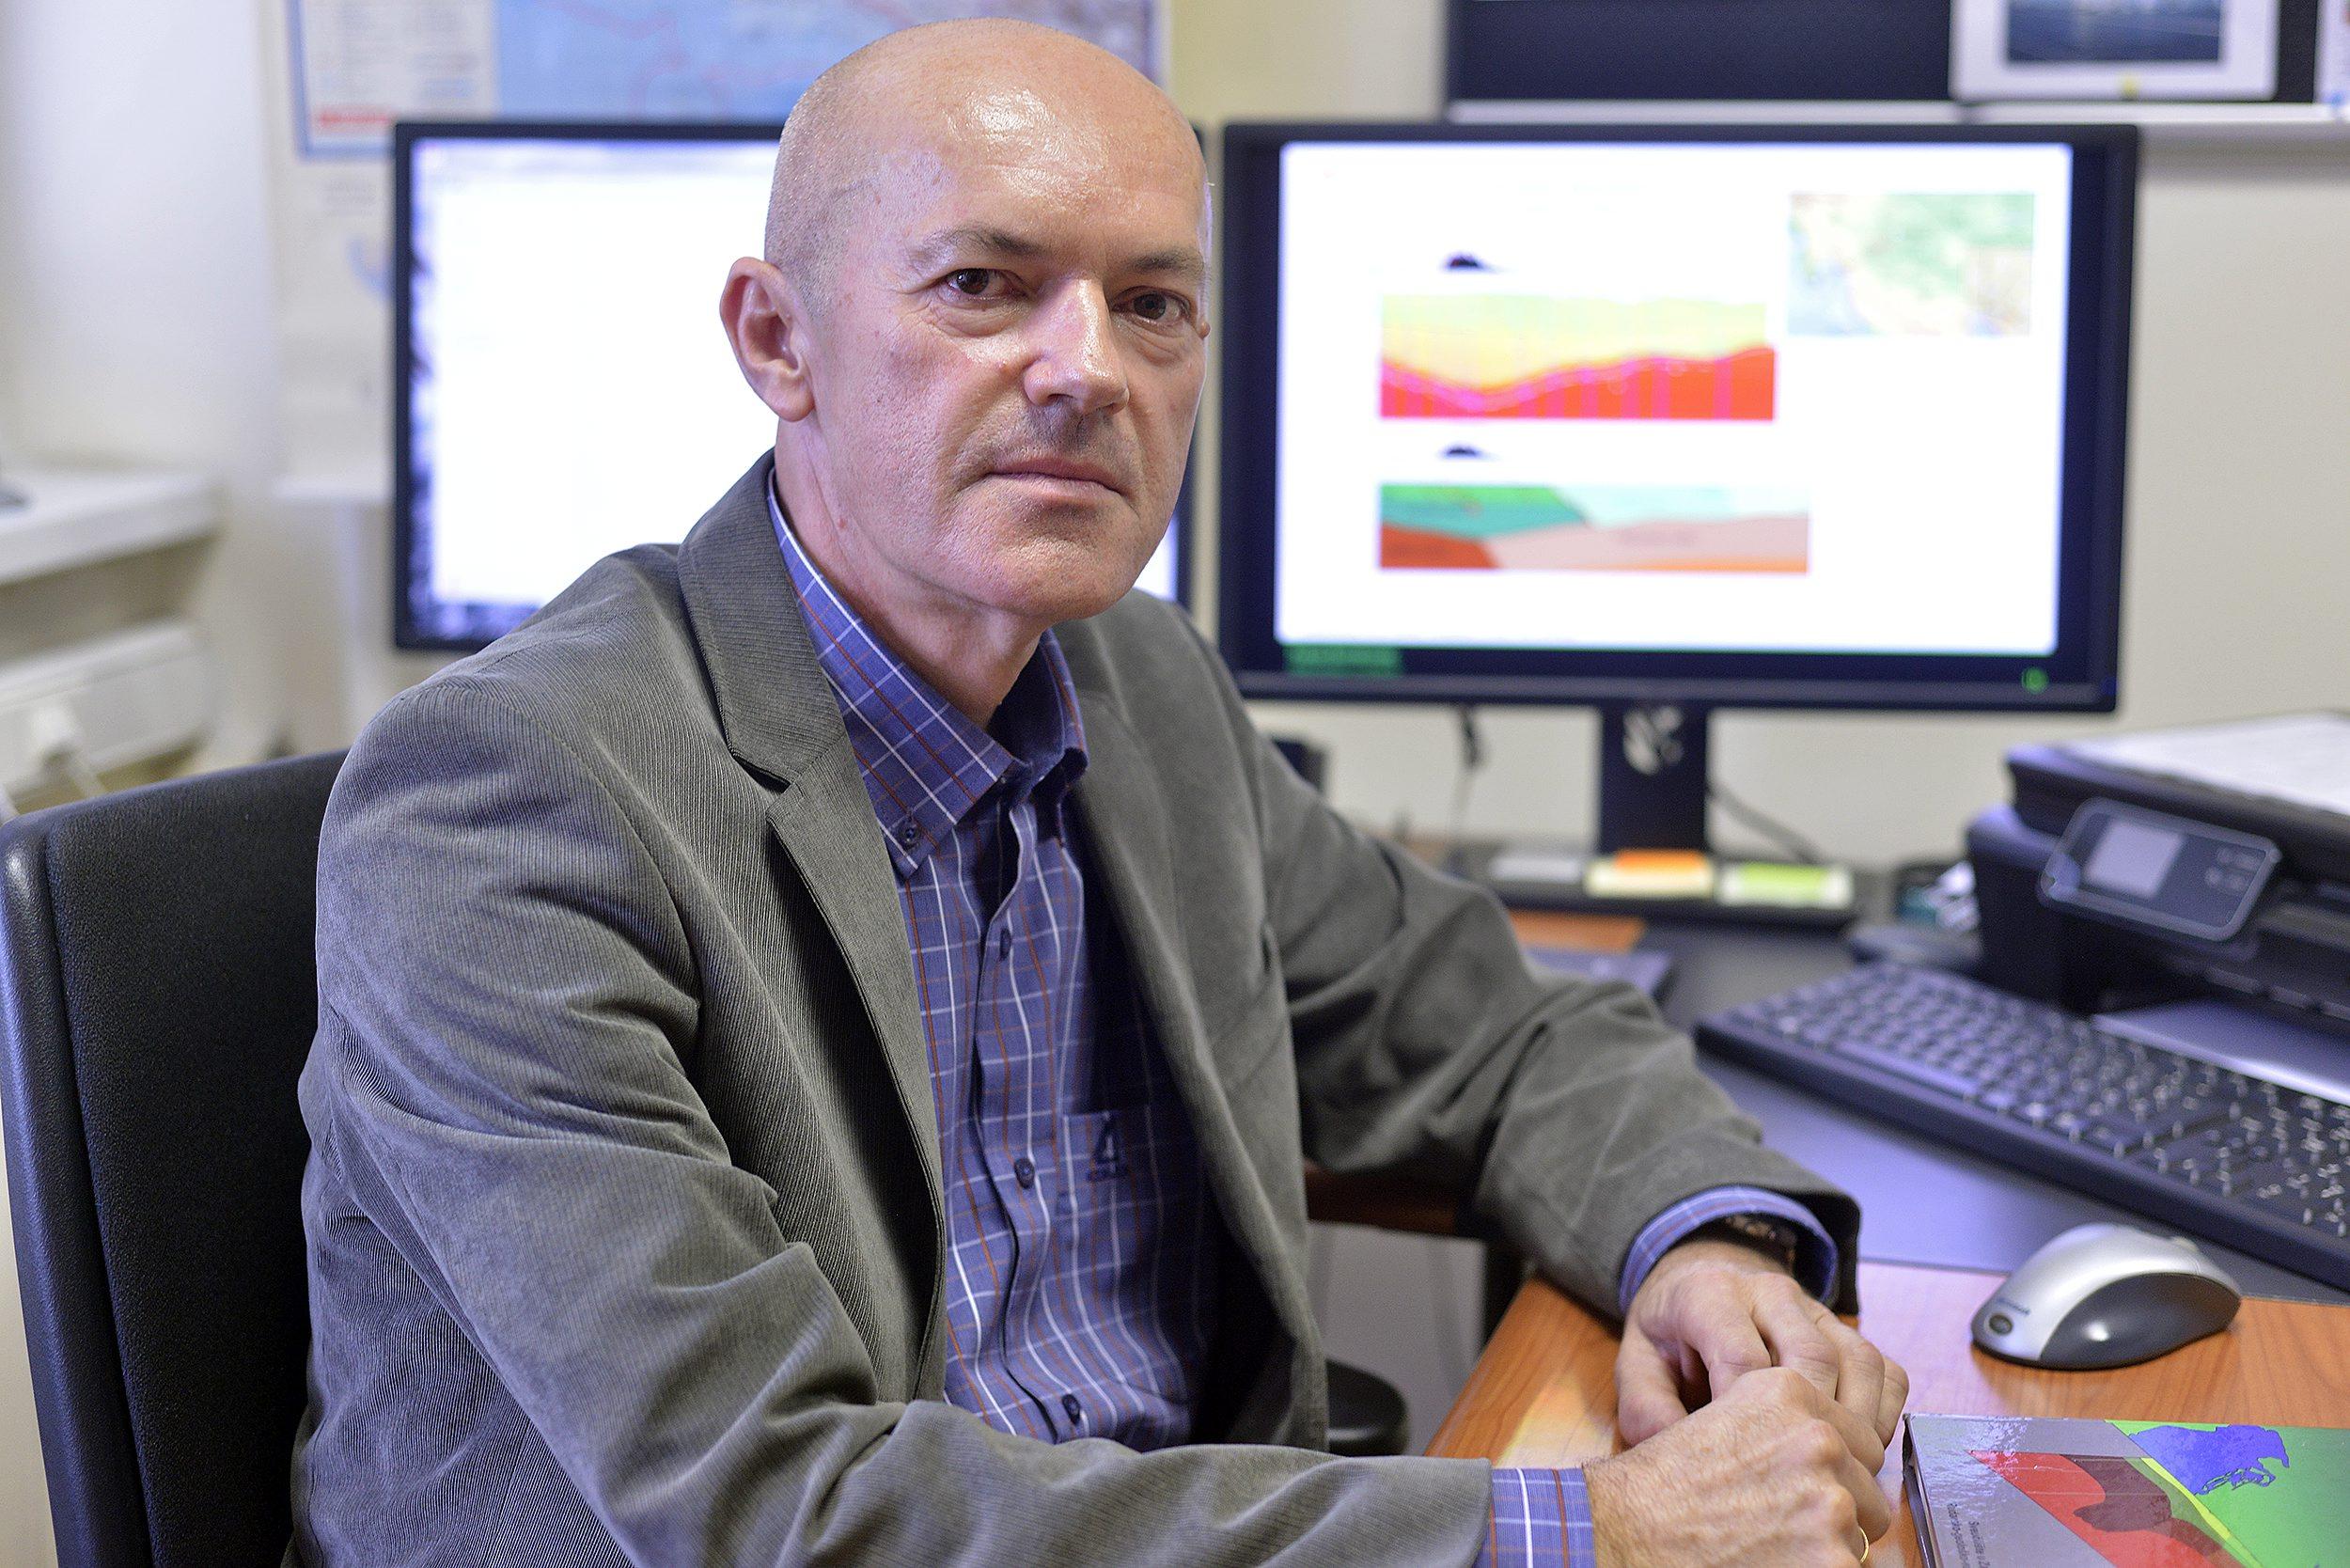 Zagreb, 250917. Prof. Franjo Sumanovac sa Rudarsko-geolosko-naftnog fakulteta. Foto: Bruno Konjevic / CROPIX